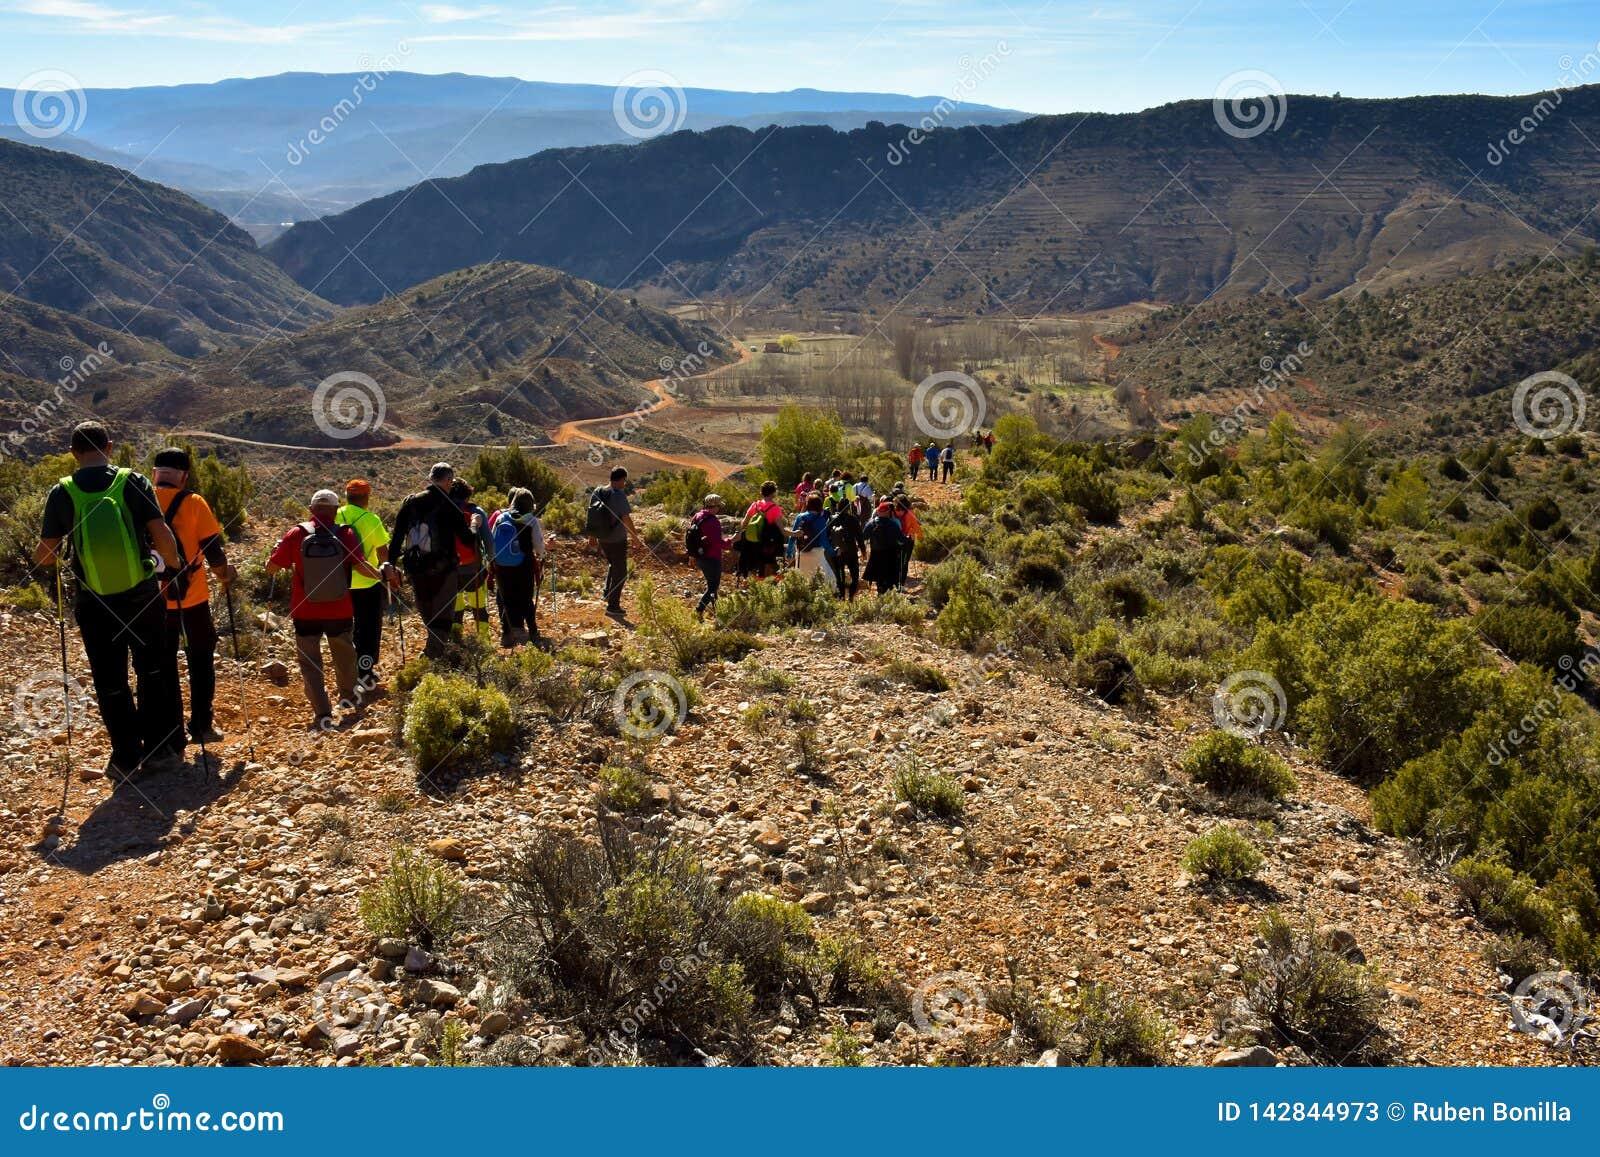 Gruppe erwachsene Leute mit buntem Rucksacktrekking auf einem Weg des Sandes und der Steine gehend hinunter einen Berg mit einem